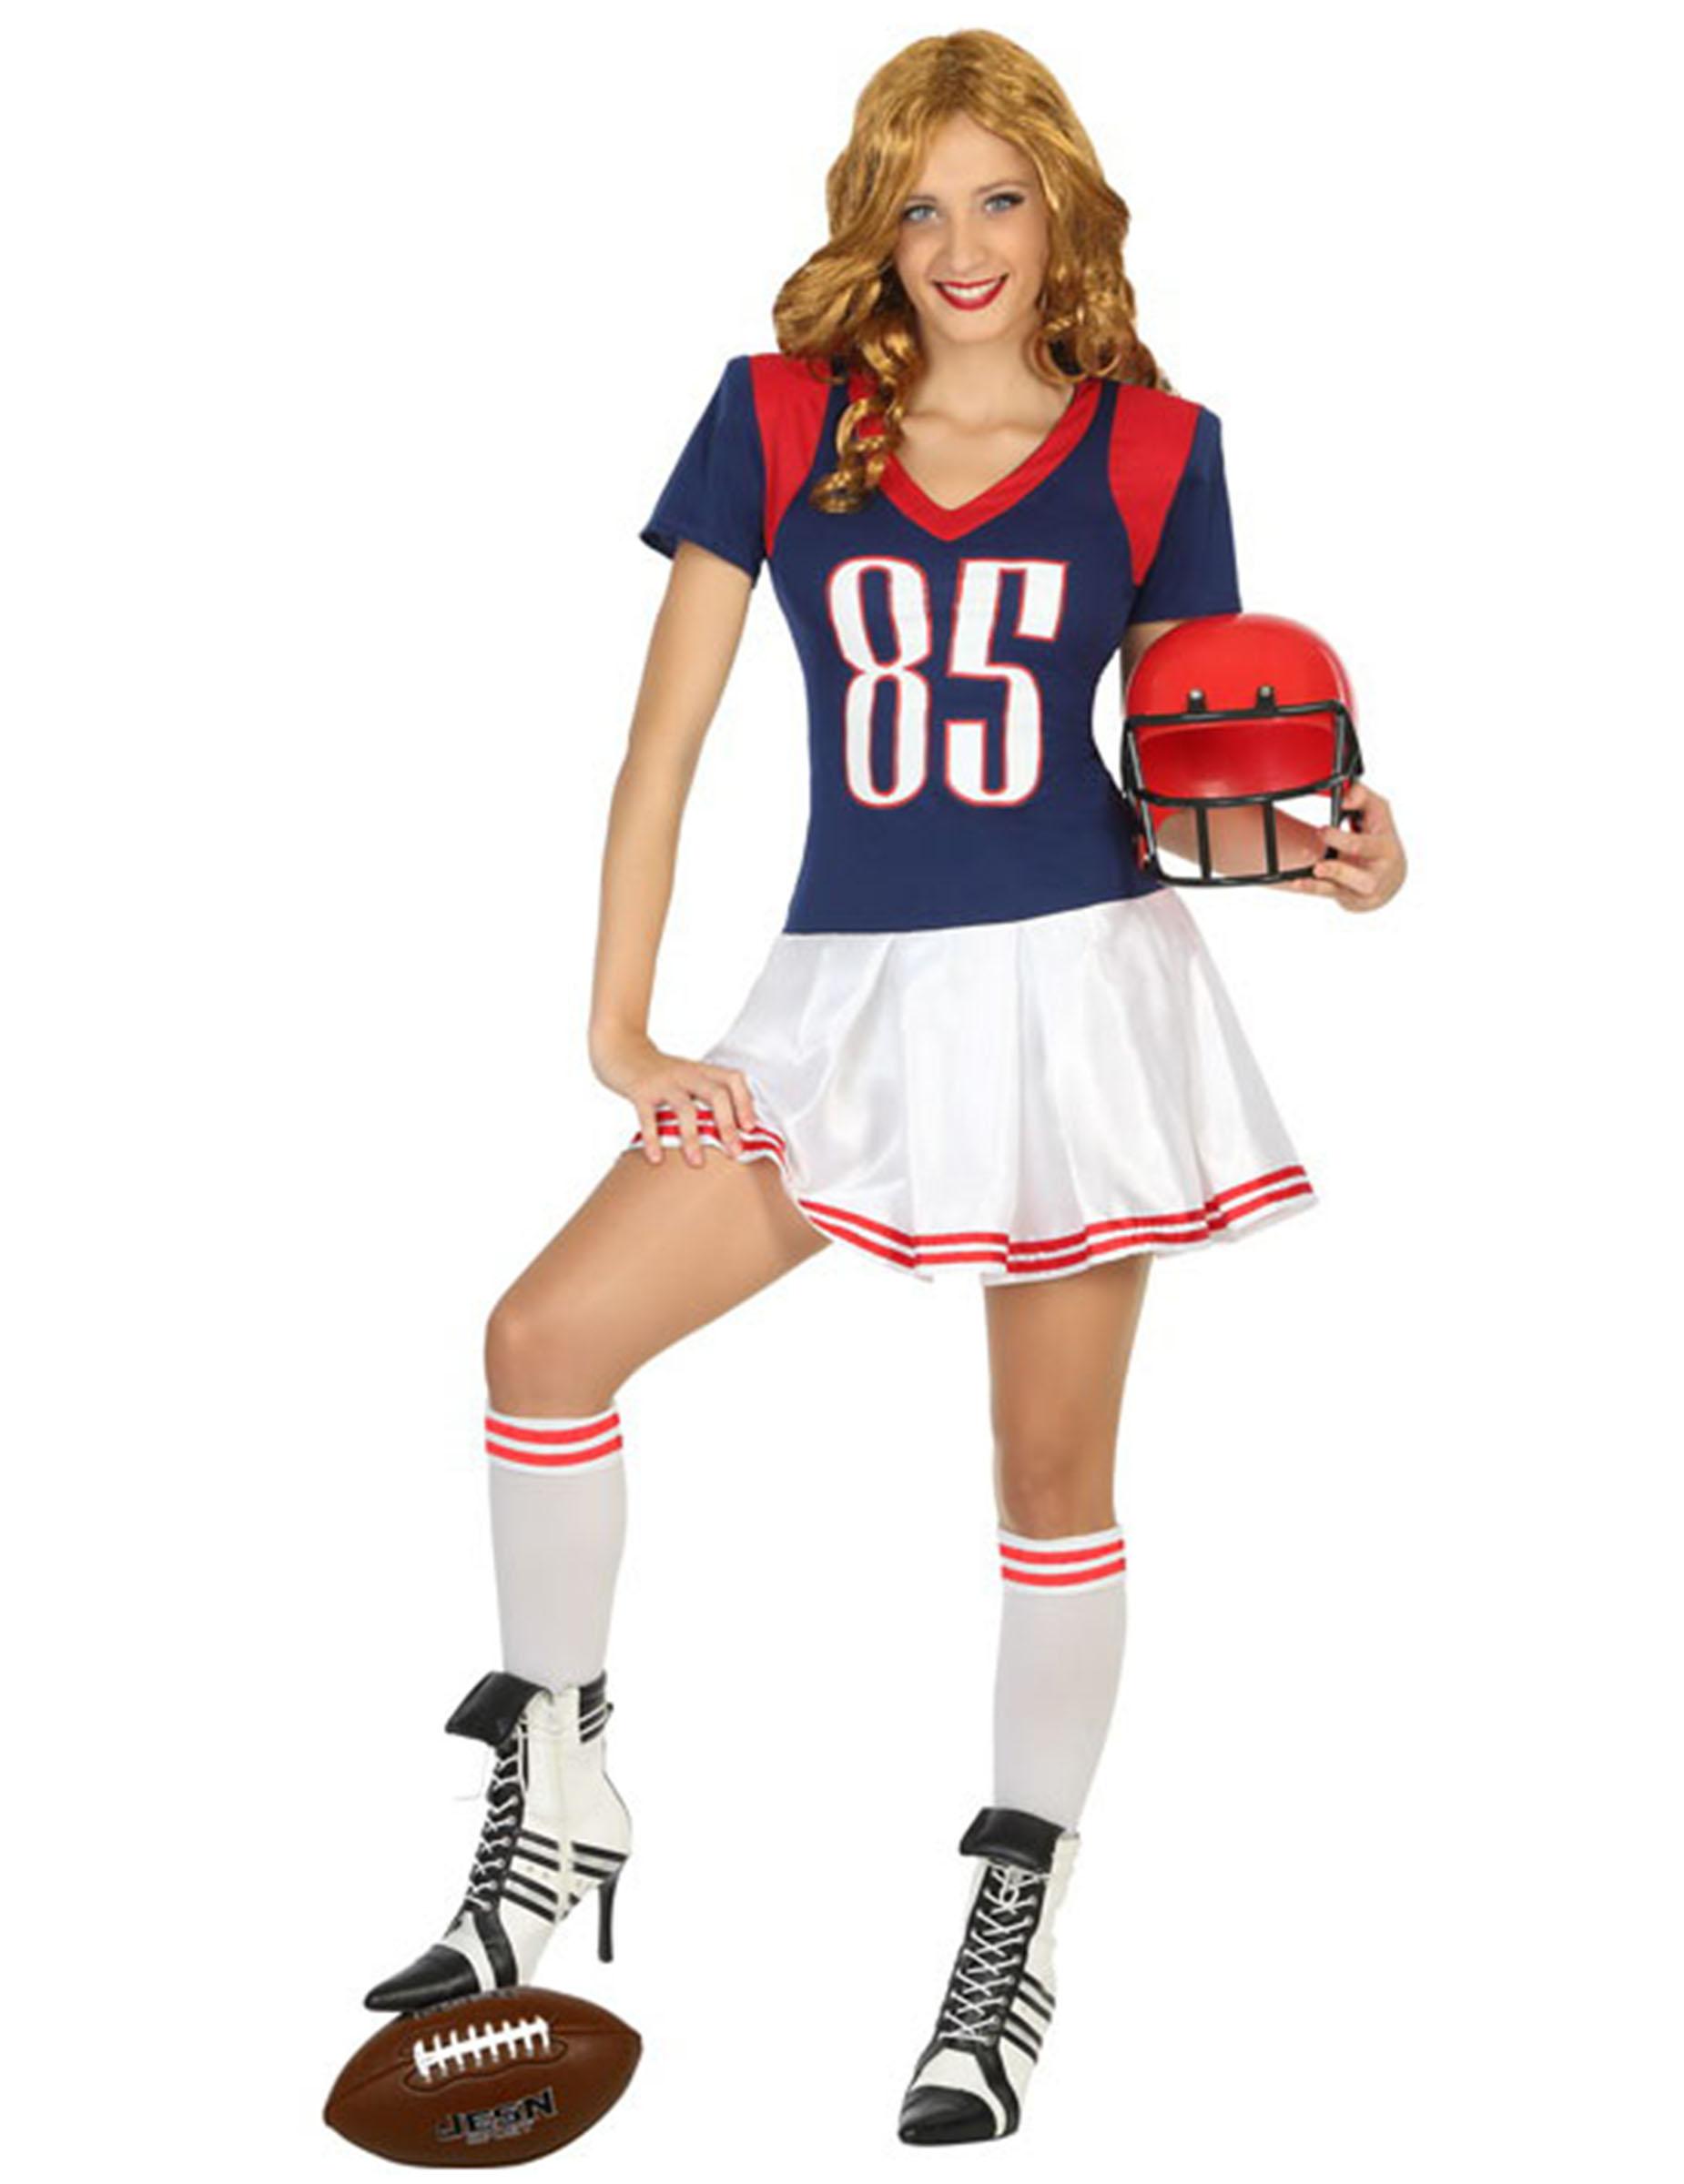 Amerikanische Football-Spielerin Damenkostüm - XS / S 157965